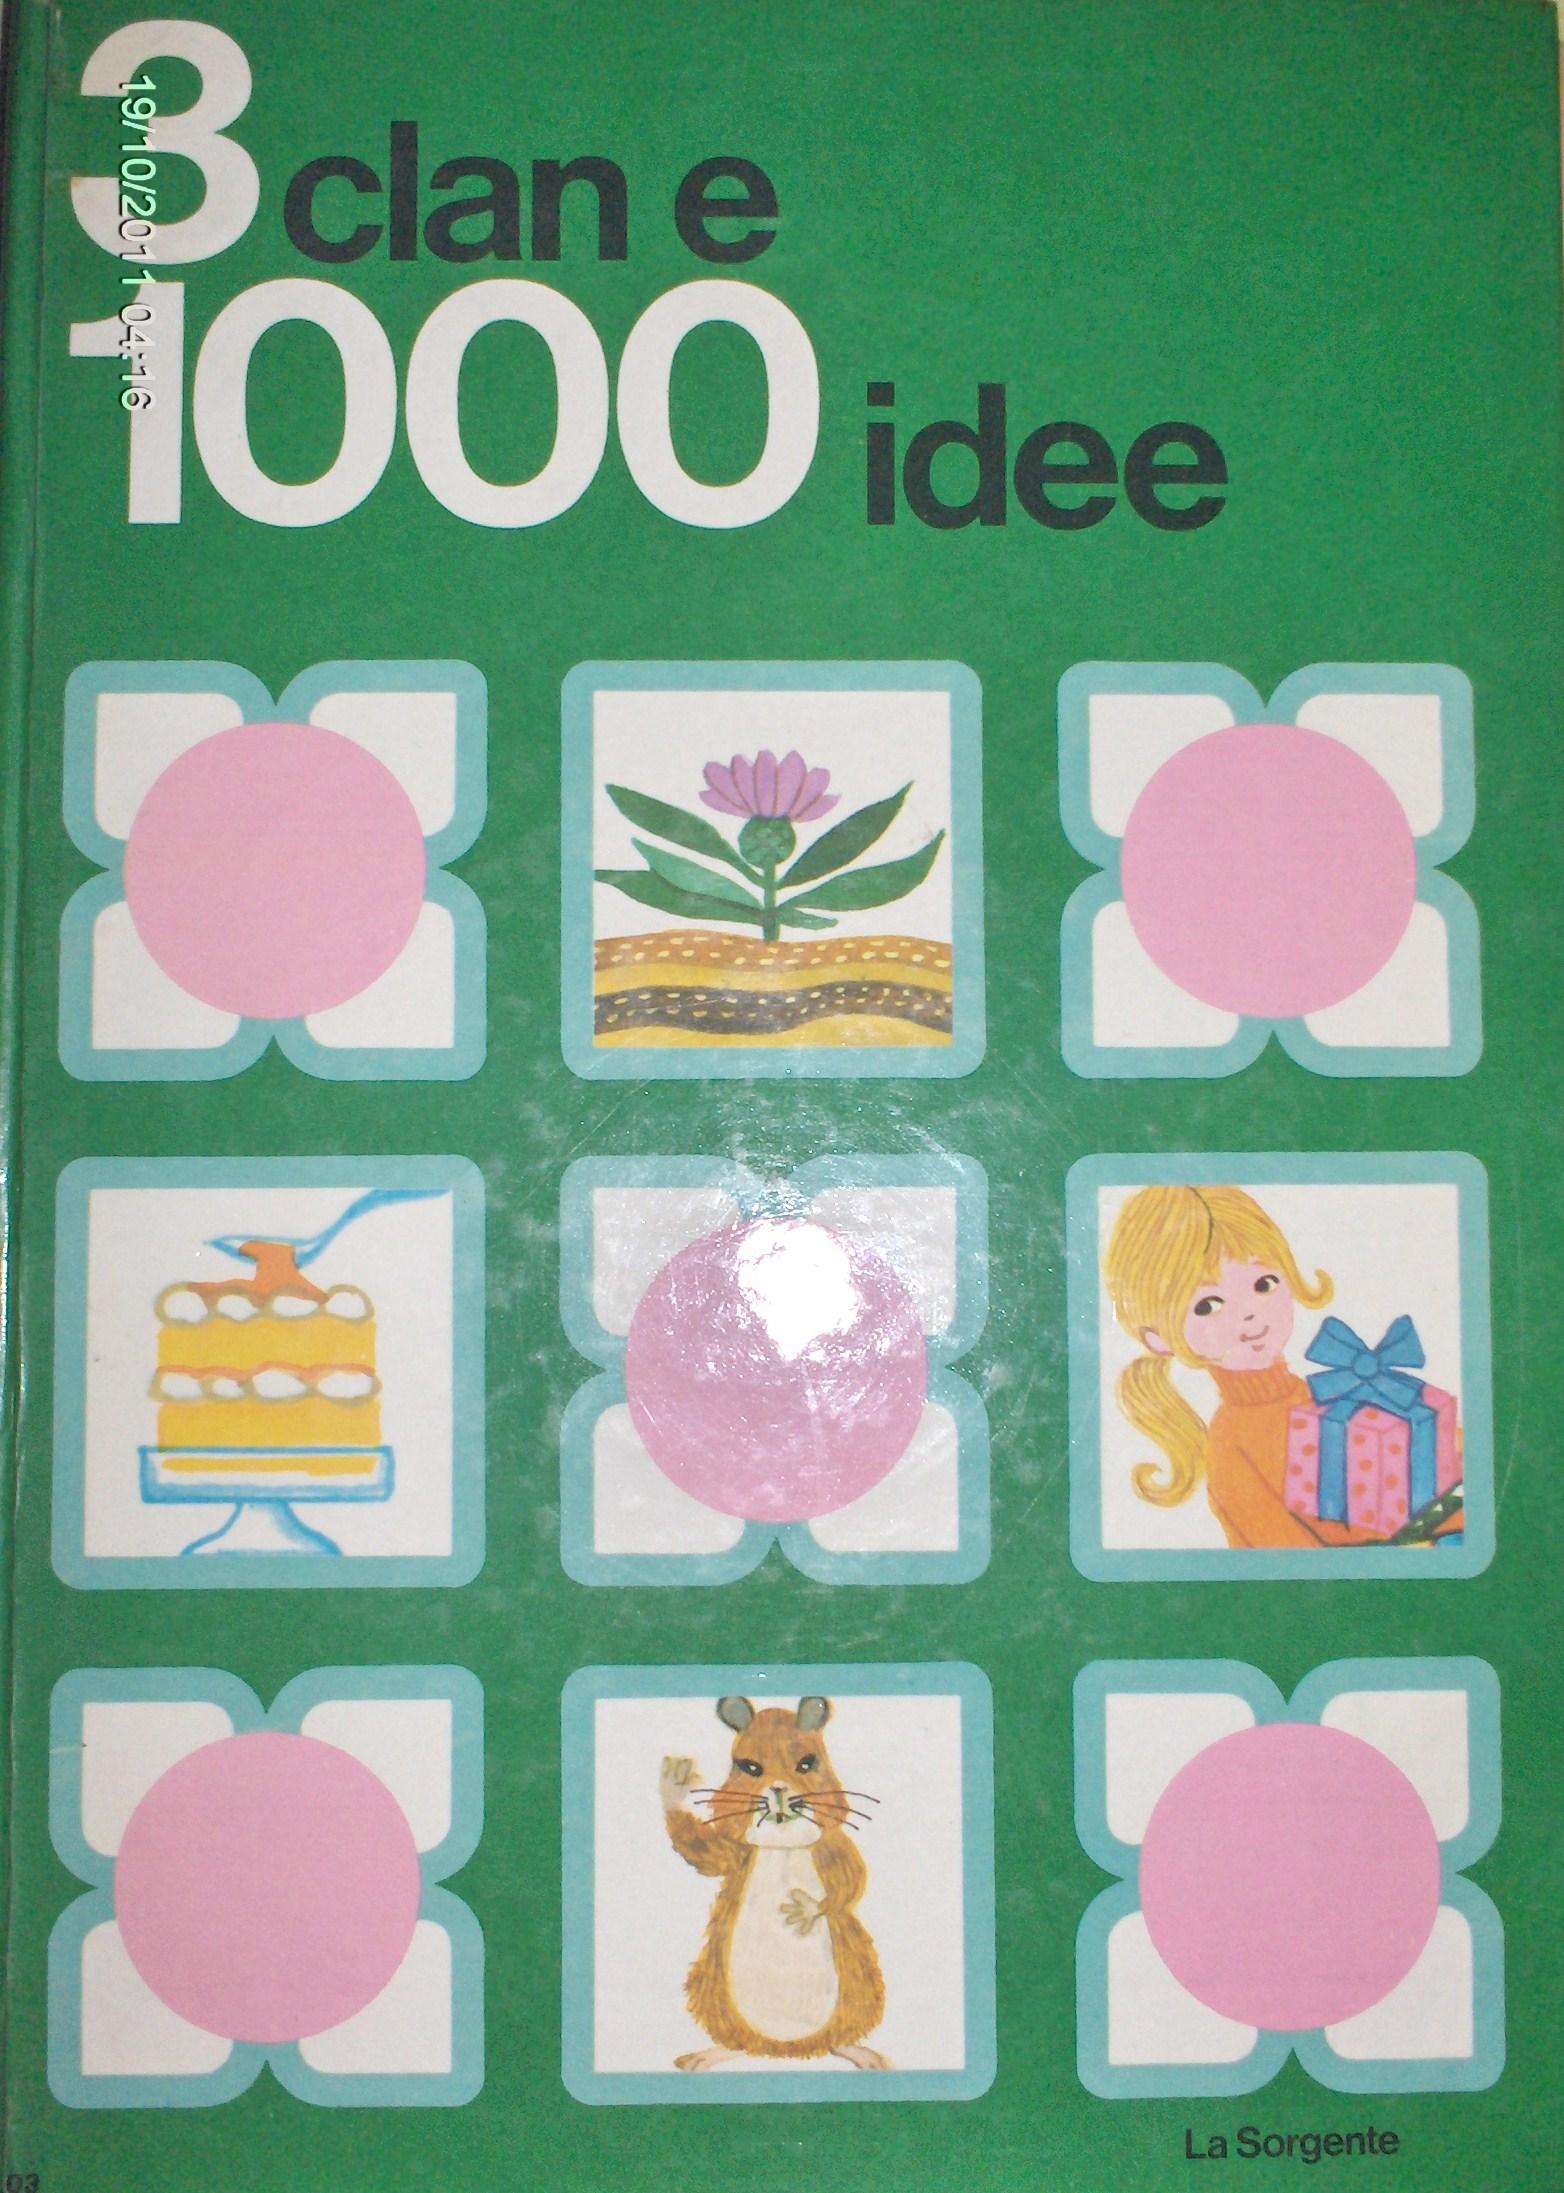 3 clan e 1000 idee